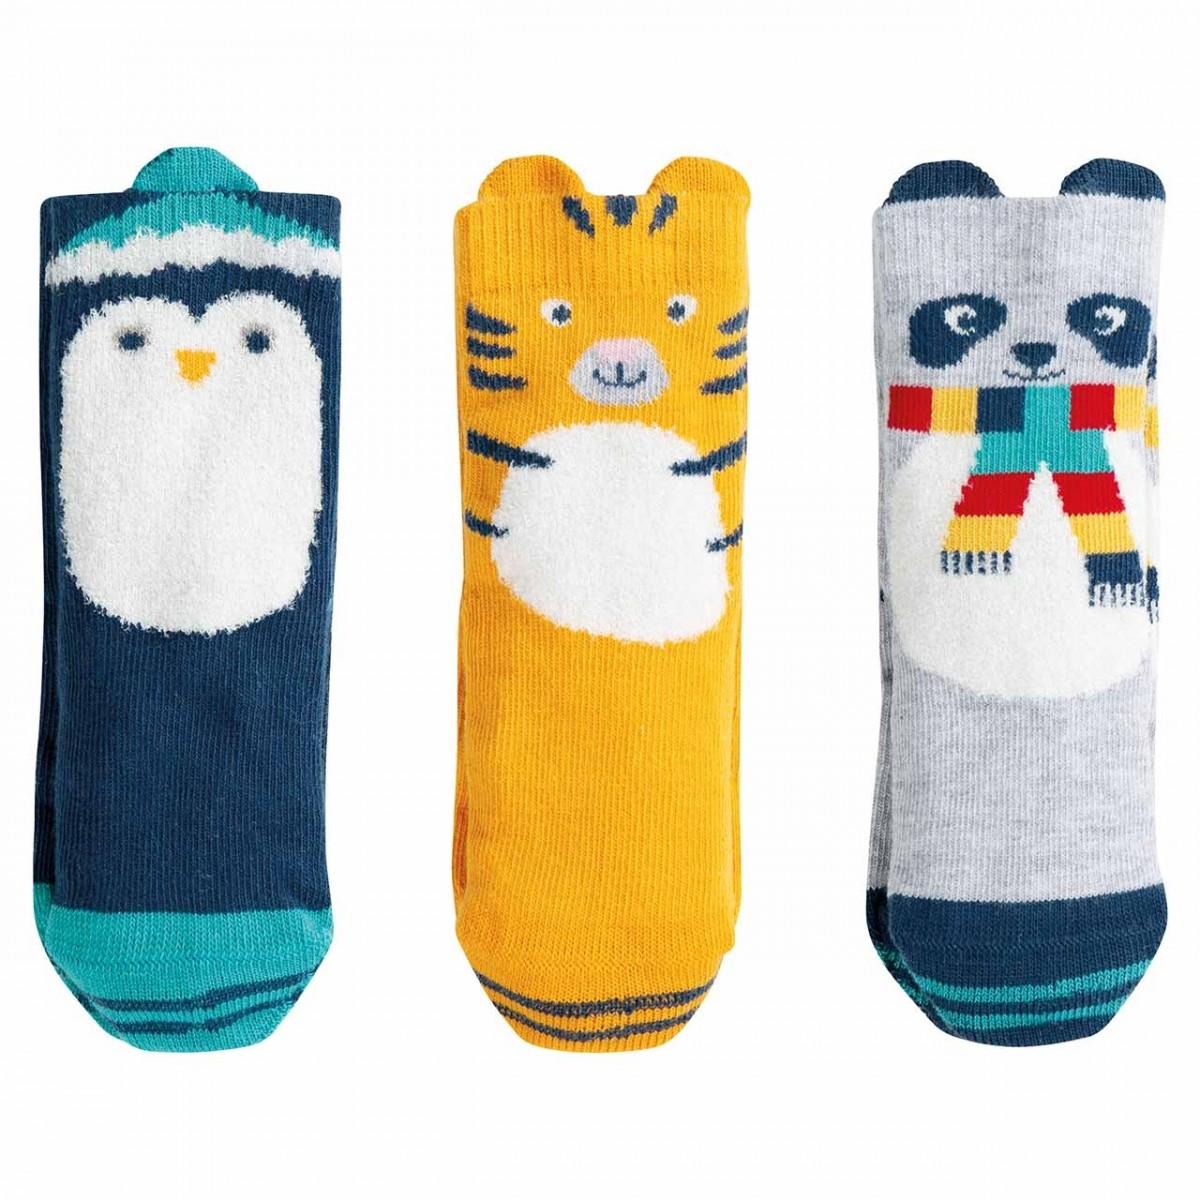 Socken aus 100/% Bio Baumwolle 3 Paar